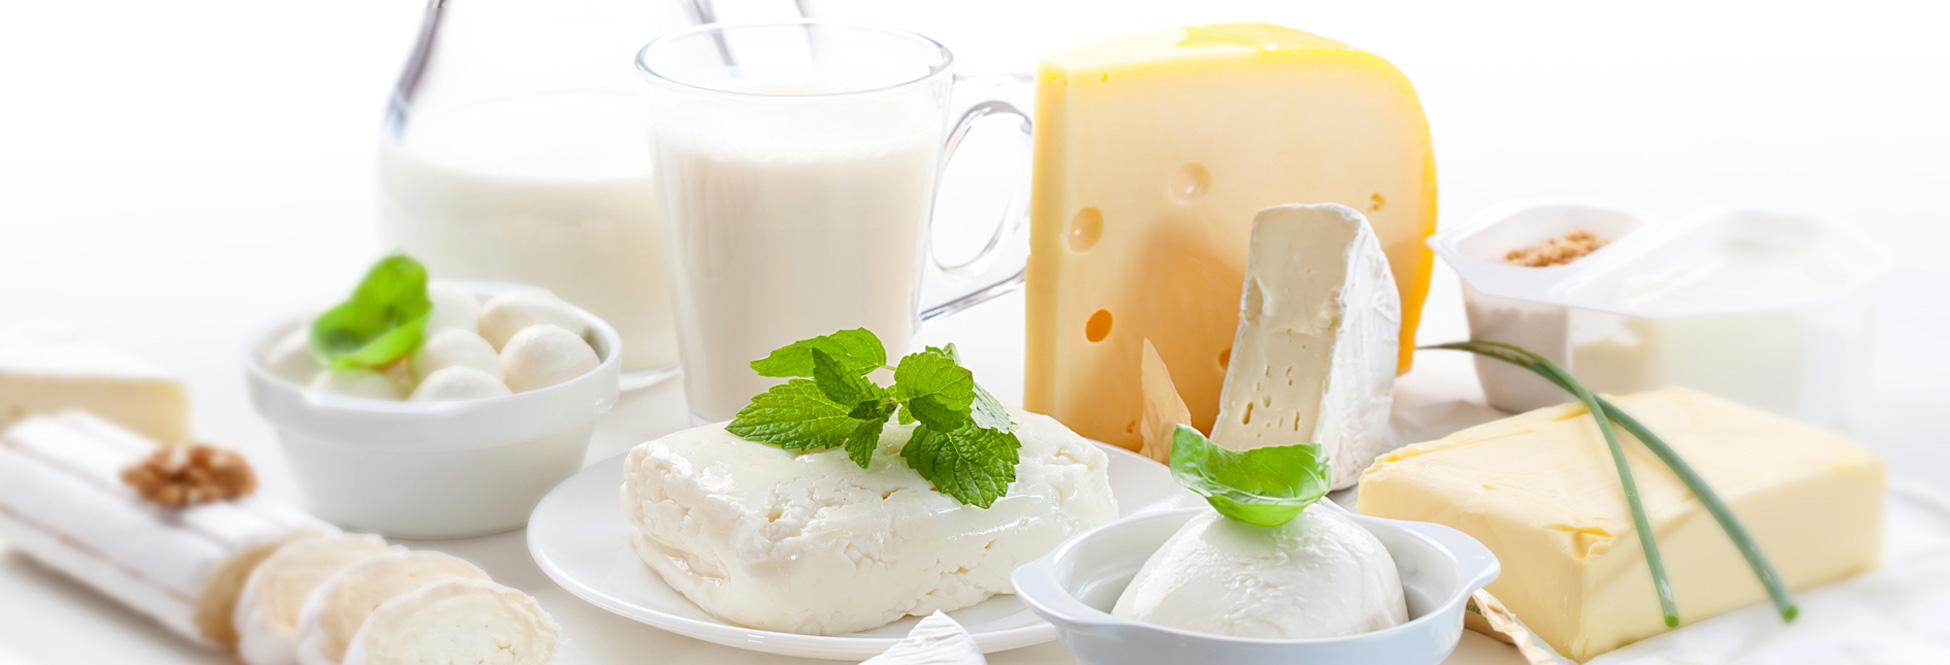 Sie sehen verschiedene Milch und Molkereiprodukte